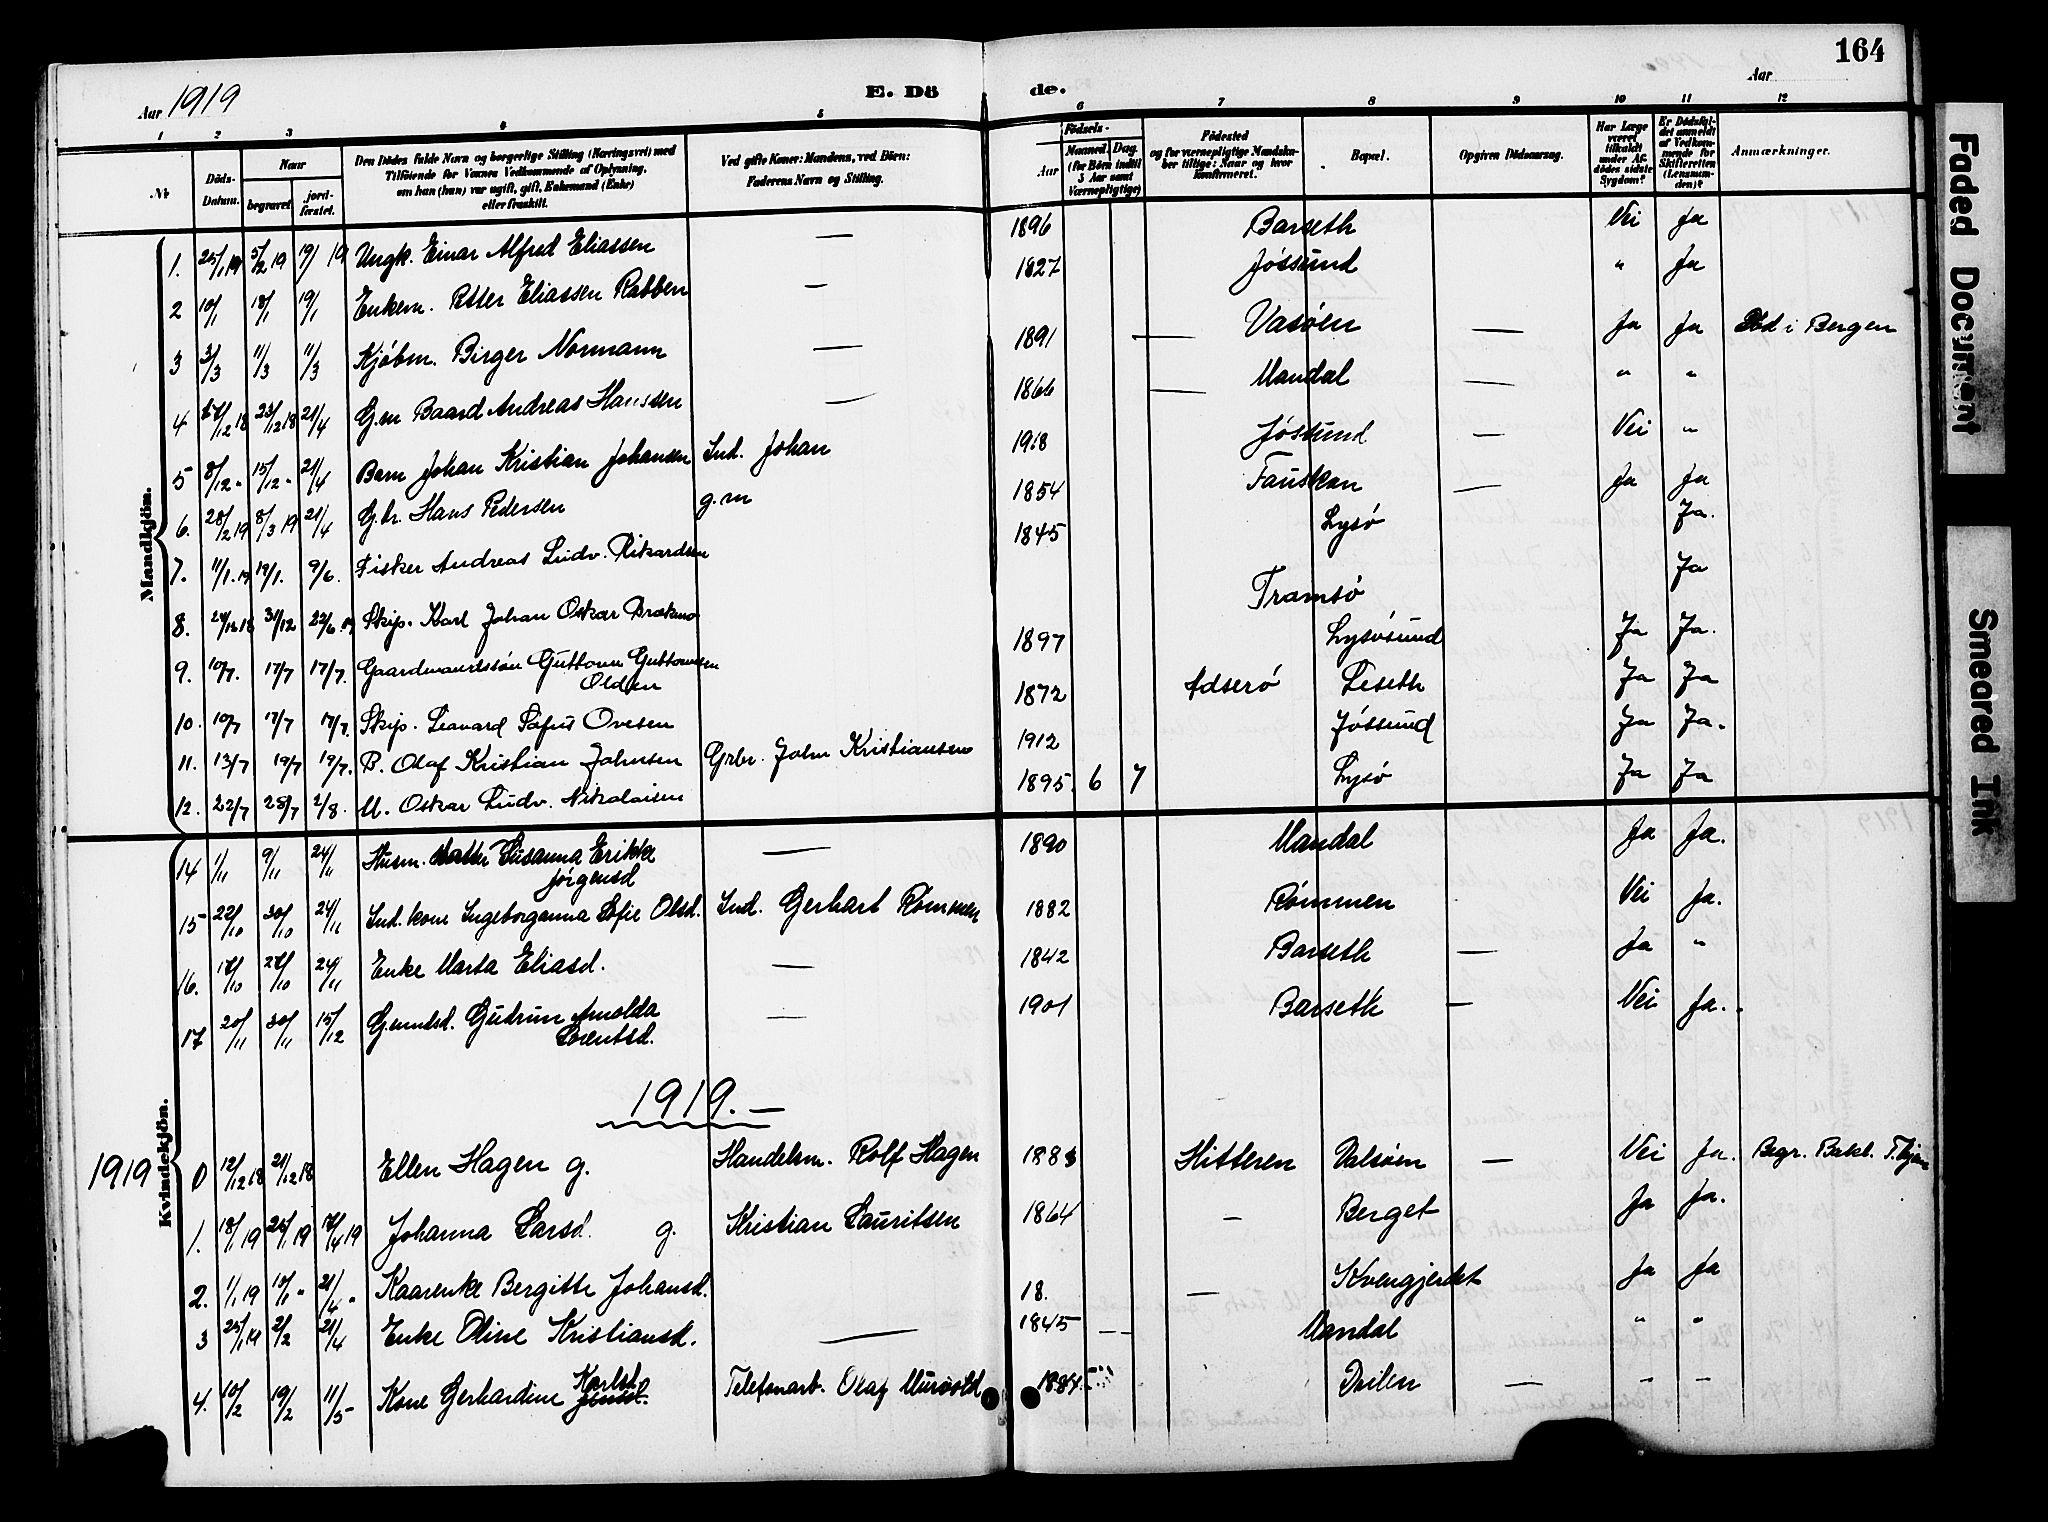 SAT, Ministerialprotokoller, klokkerbøker og fødselsregistre - Sør-Trøndelag, 654/L0666: Klokkerbok nr. 654C02, 1901-1925, s. 164